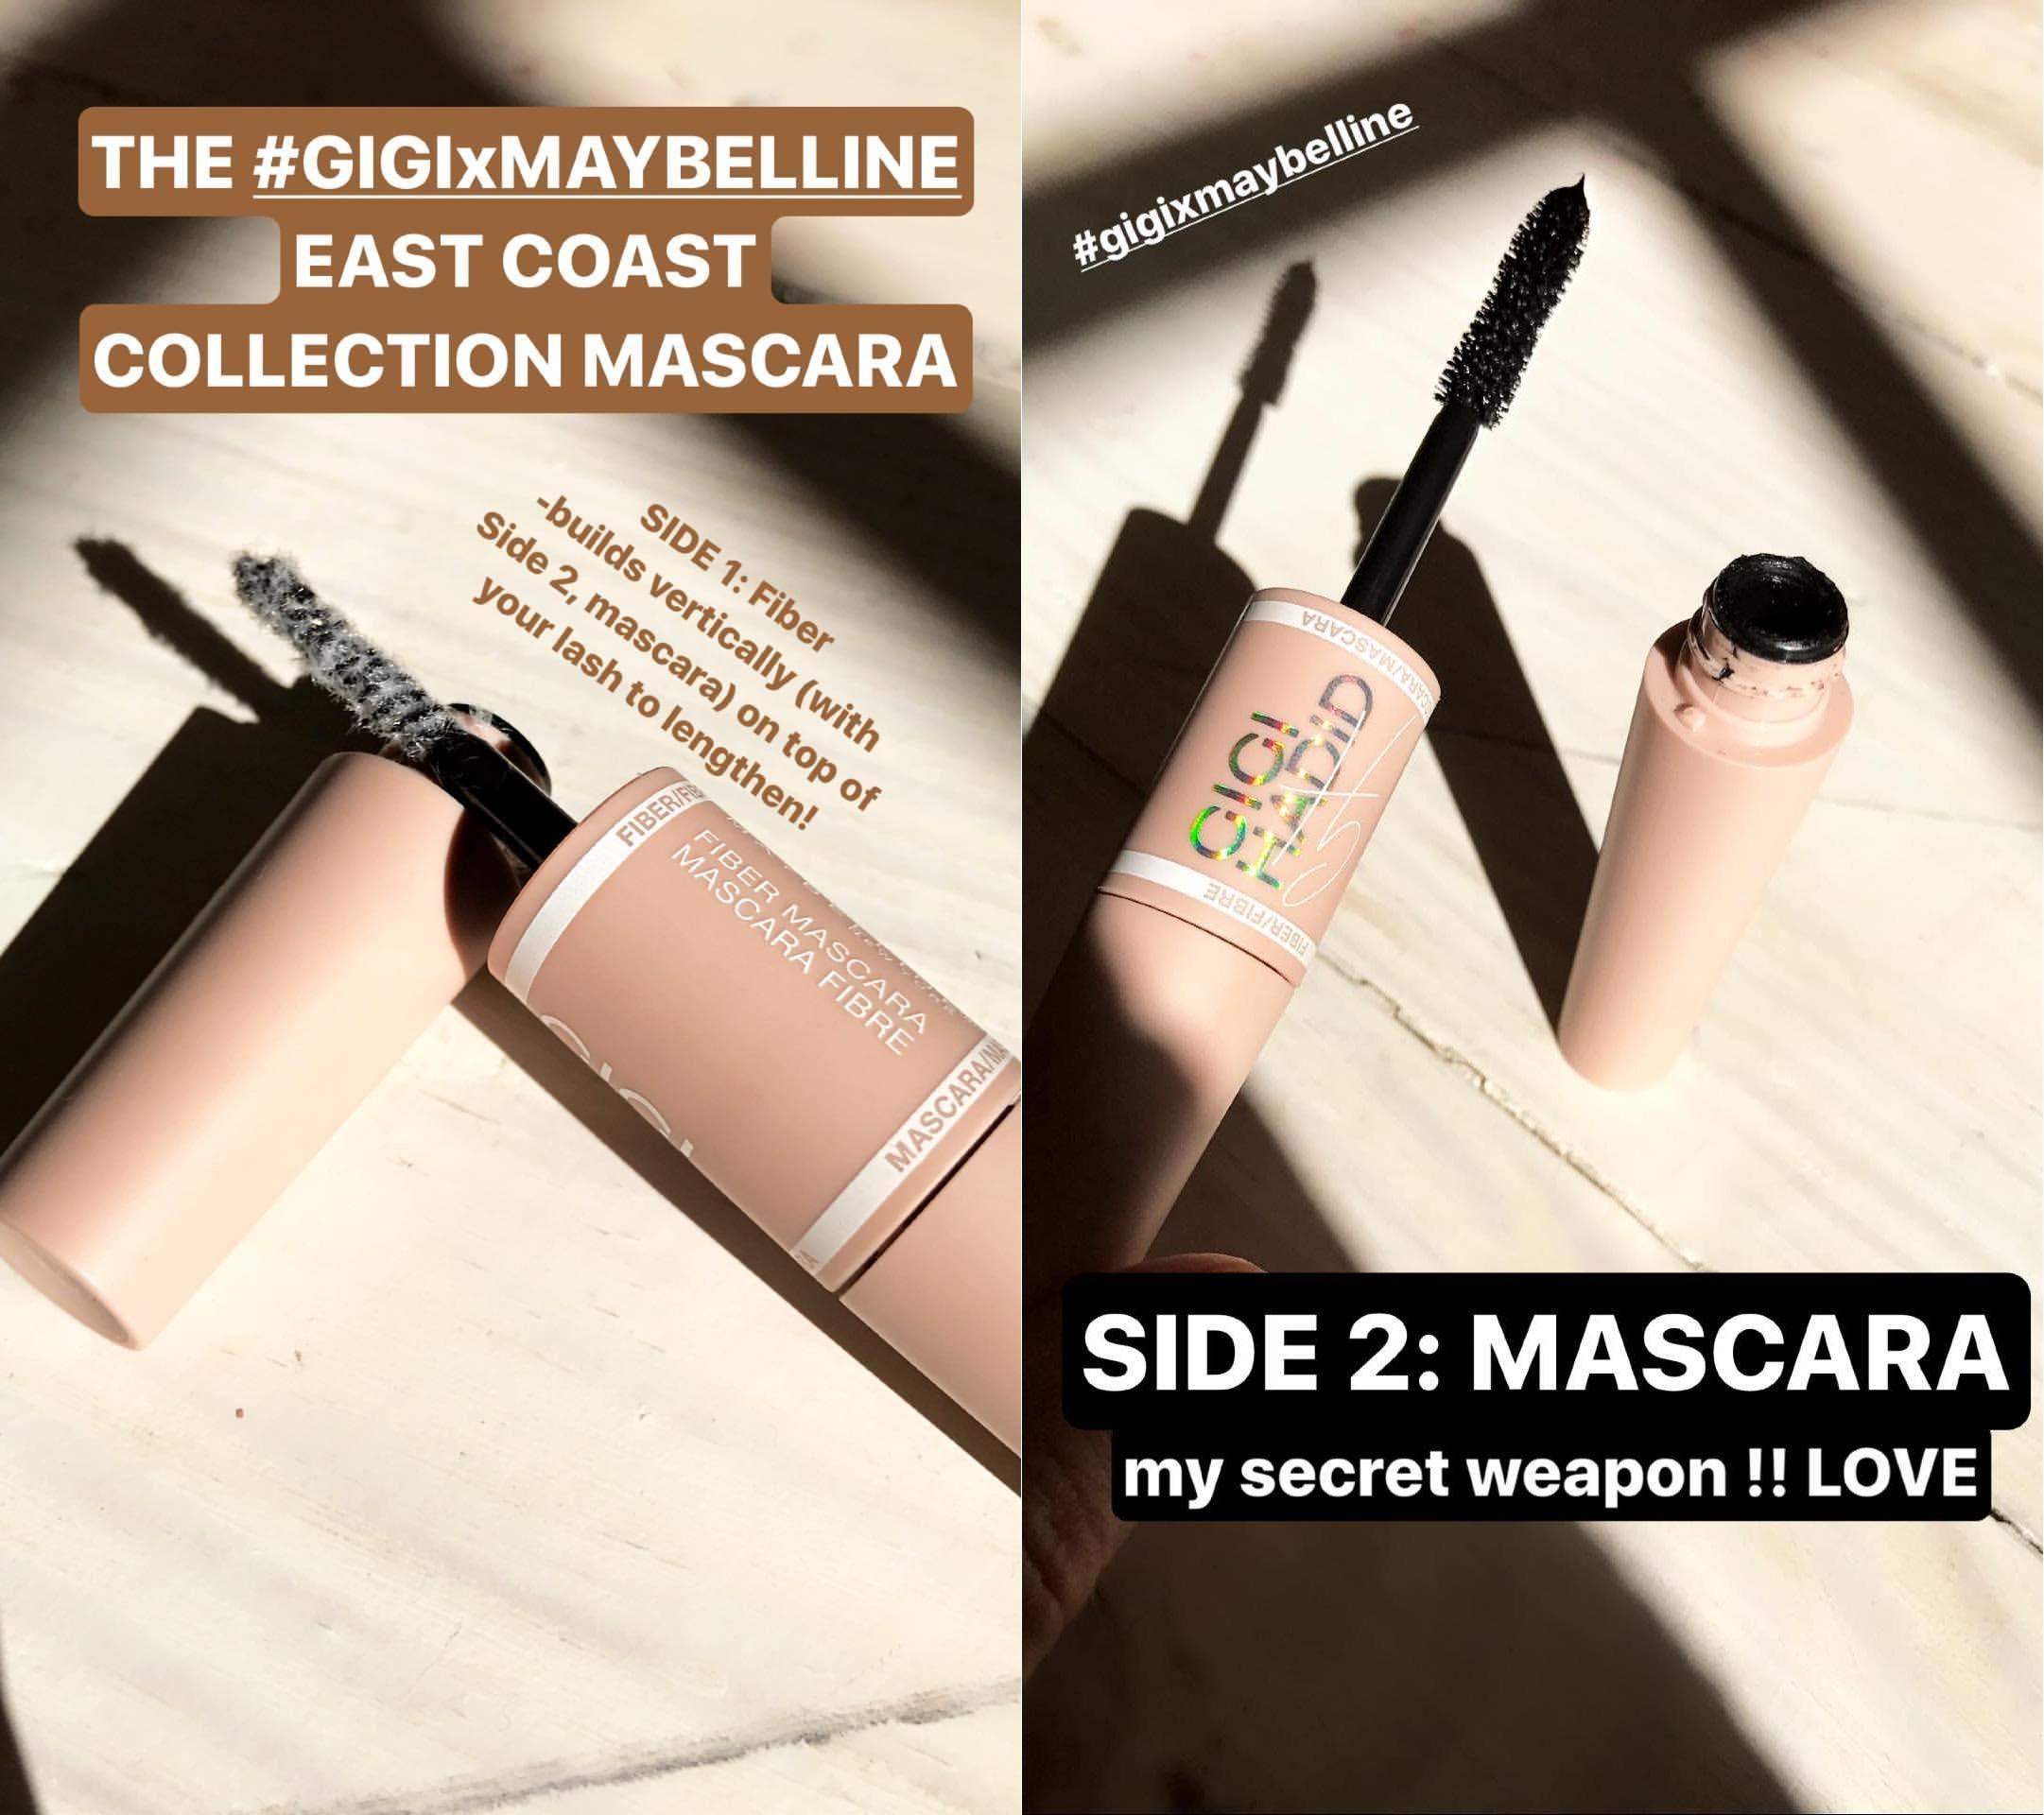 Gigi Hadid ra mắt BST mỹ phẩm hàng khủng đầy đủ từ son lì đến phấn mắt, mascara... - Ảnh 7.